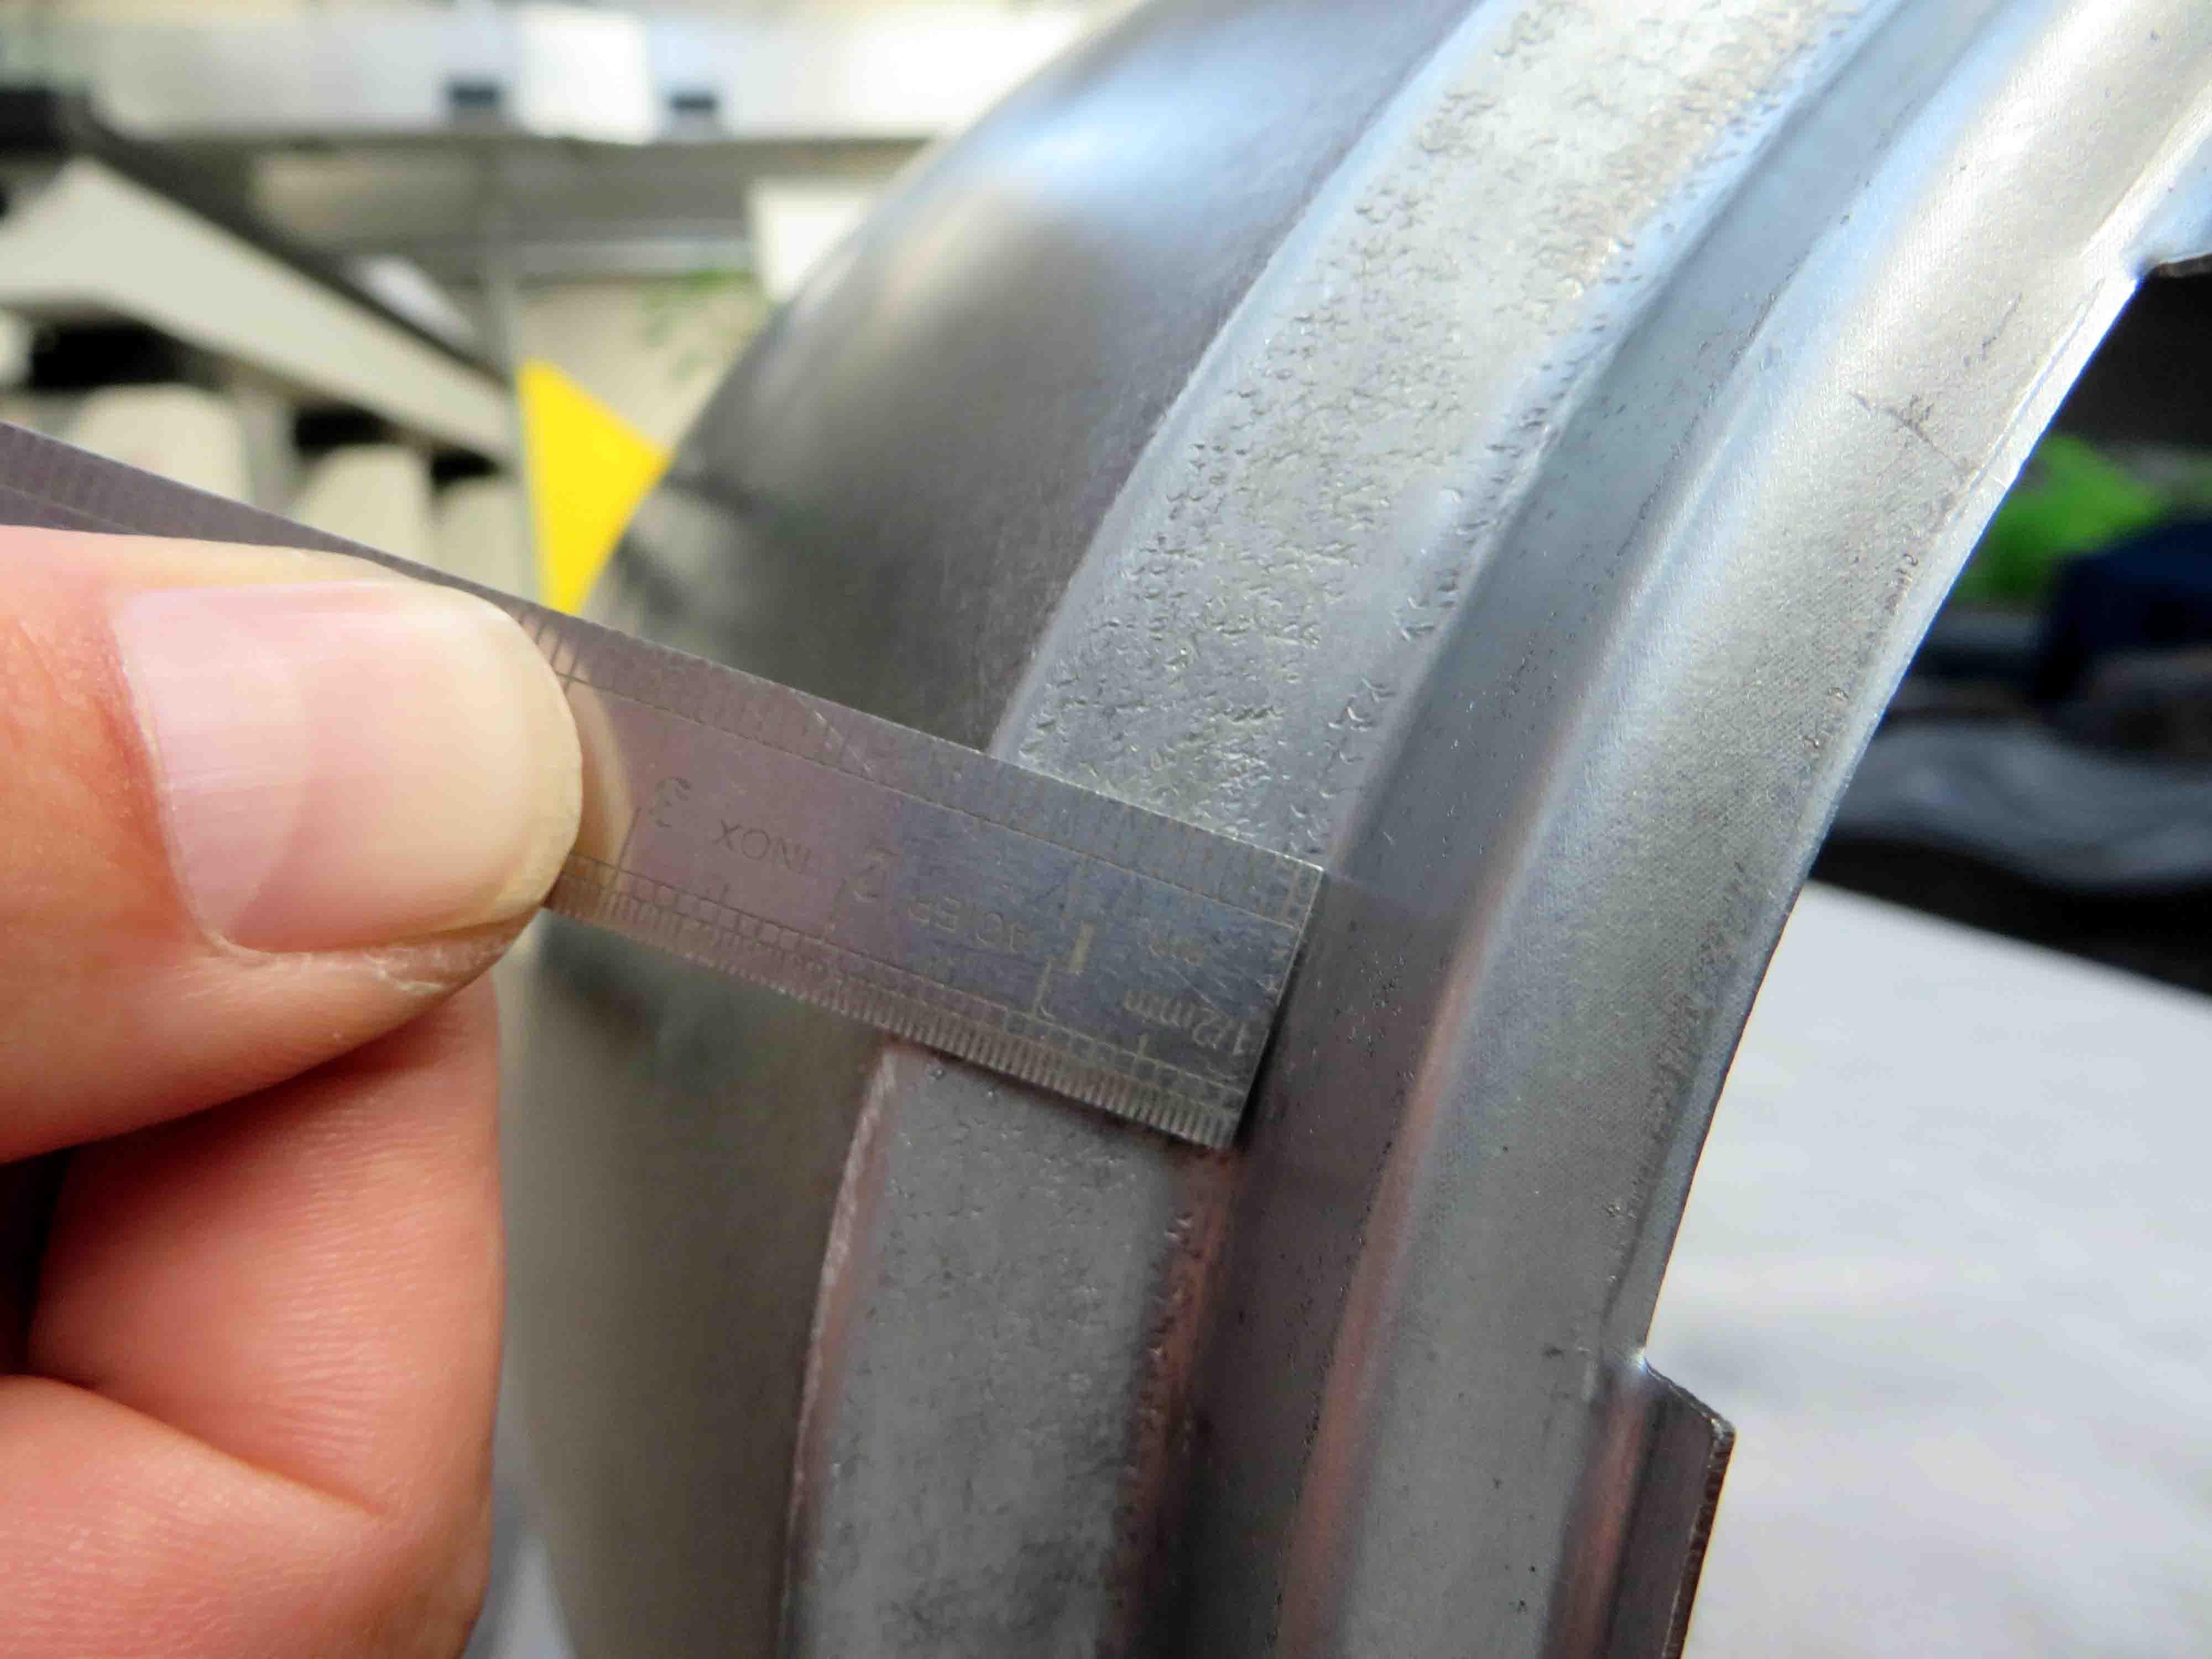 """Mercedes-Benz Original-Ersatzteile für den 300 SL """"Gullwing"""" (W 198, 1954 bis 1957). Nachfertigung von Karosserie-Blechteilen gemäß den hohen Werksstandards der Daimler AG. Das Foto zeigt die Maßprüfung an der Öffnung für den Scheinwerfer. Mercedes-Benz genuine replacement parts for the 300 SL """"Gullwing"""" (W 198, 1954 to 1957). Reproduction of metal body parts in accordance with the high factory standards of Daimler AG. The photo shows the dimensional inspection at the aperture for the headlamp."""